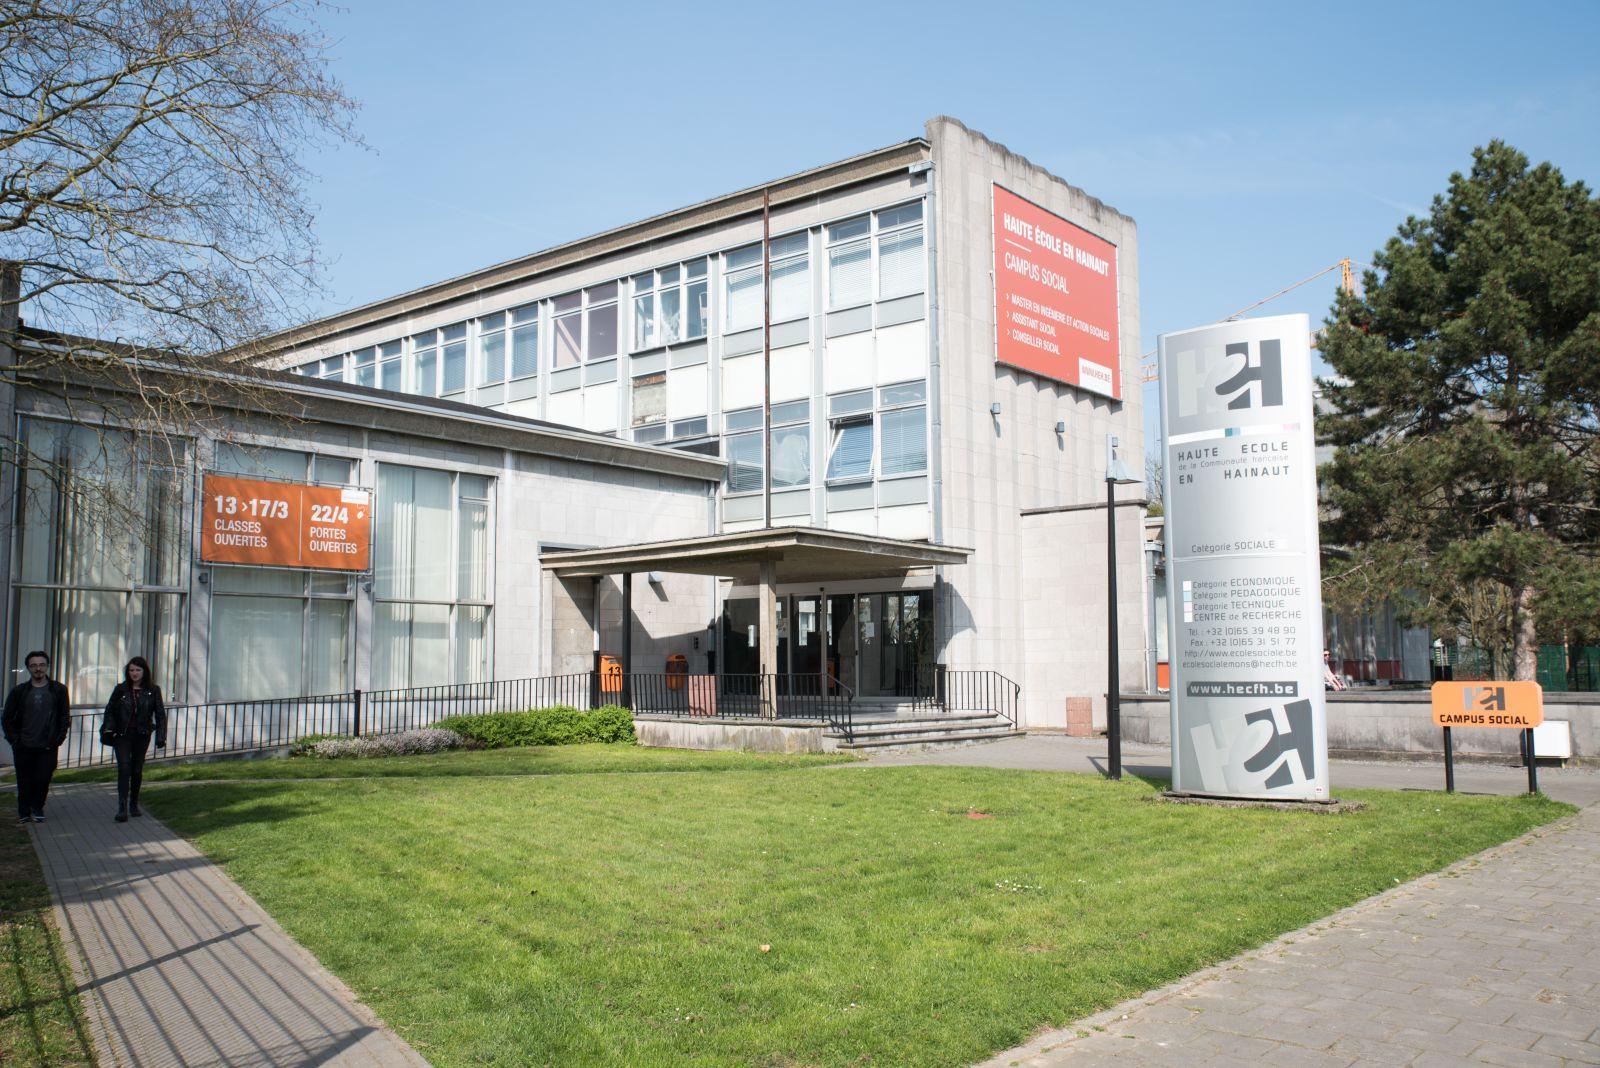 Campus Social de la Haute école en Hainaut - Bachelier assistant social - Bachelier conseiller social